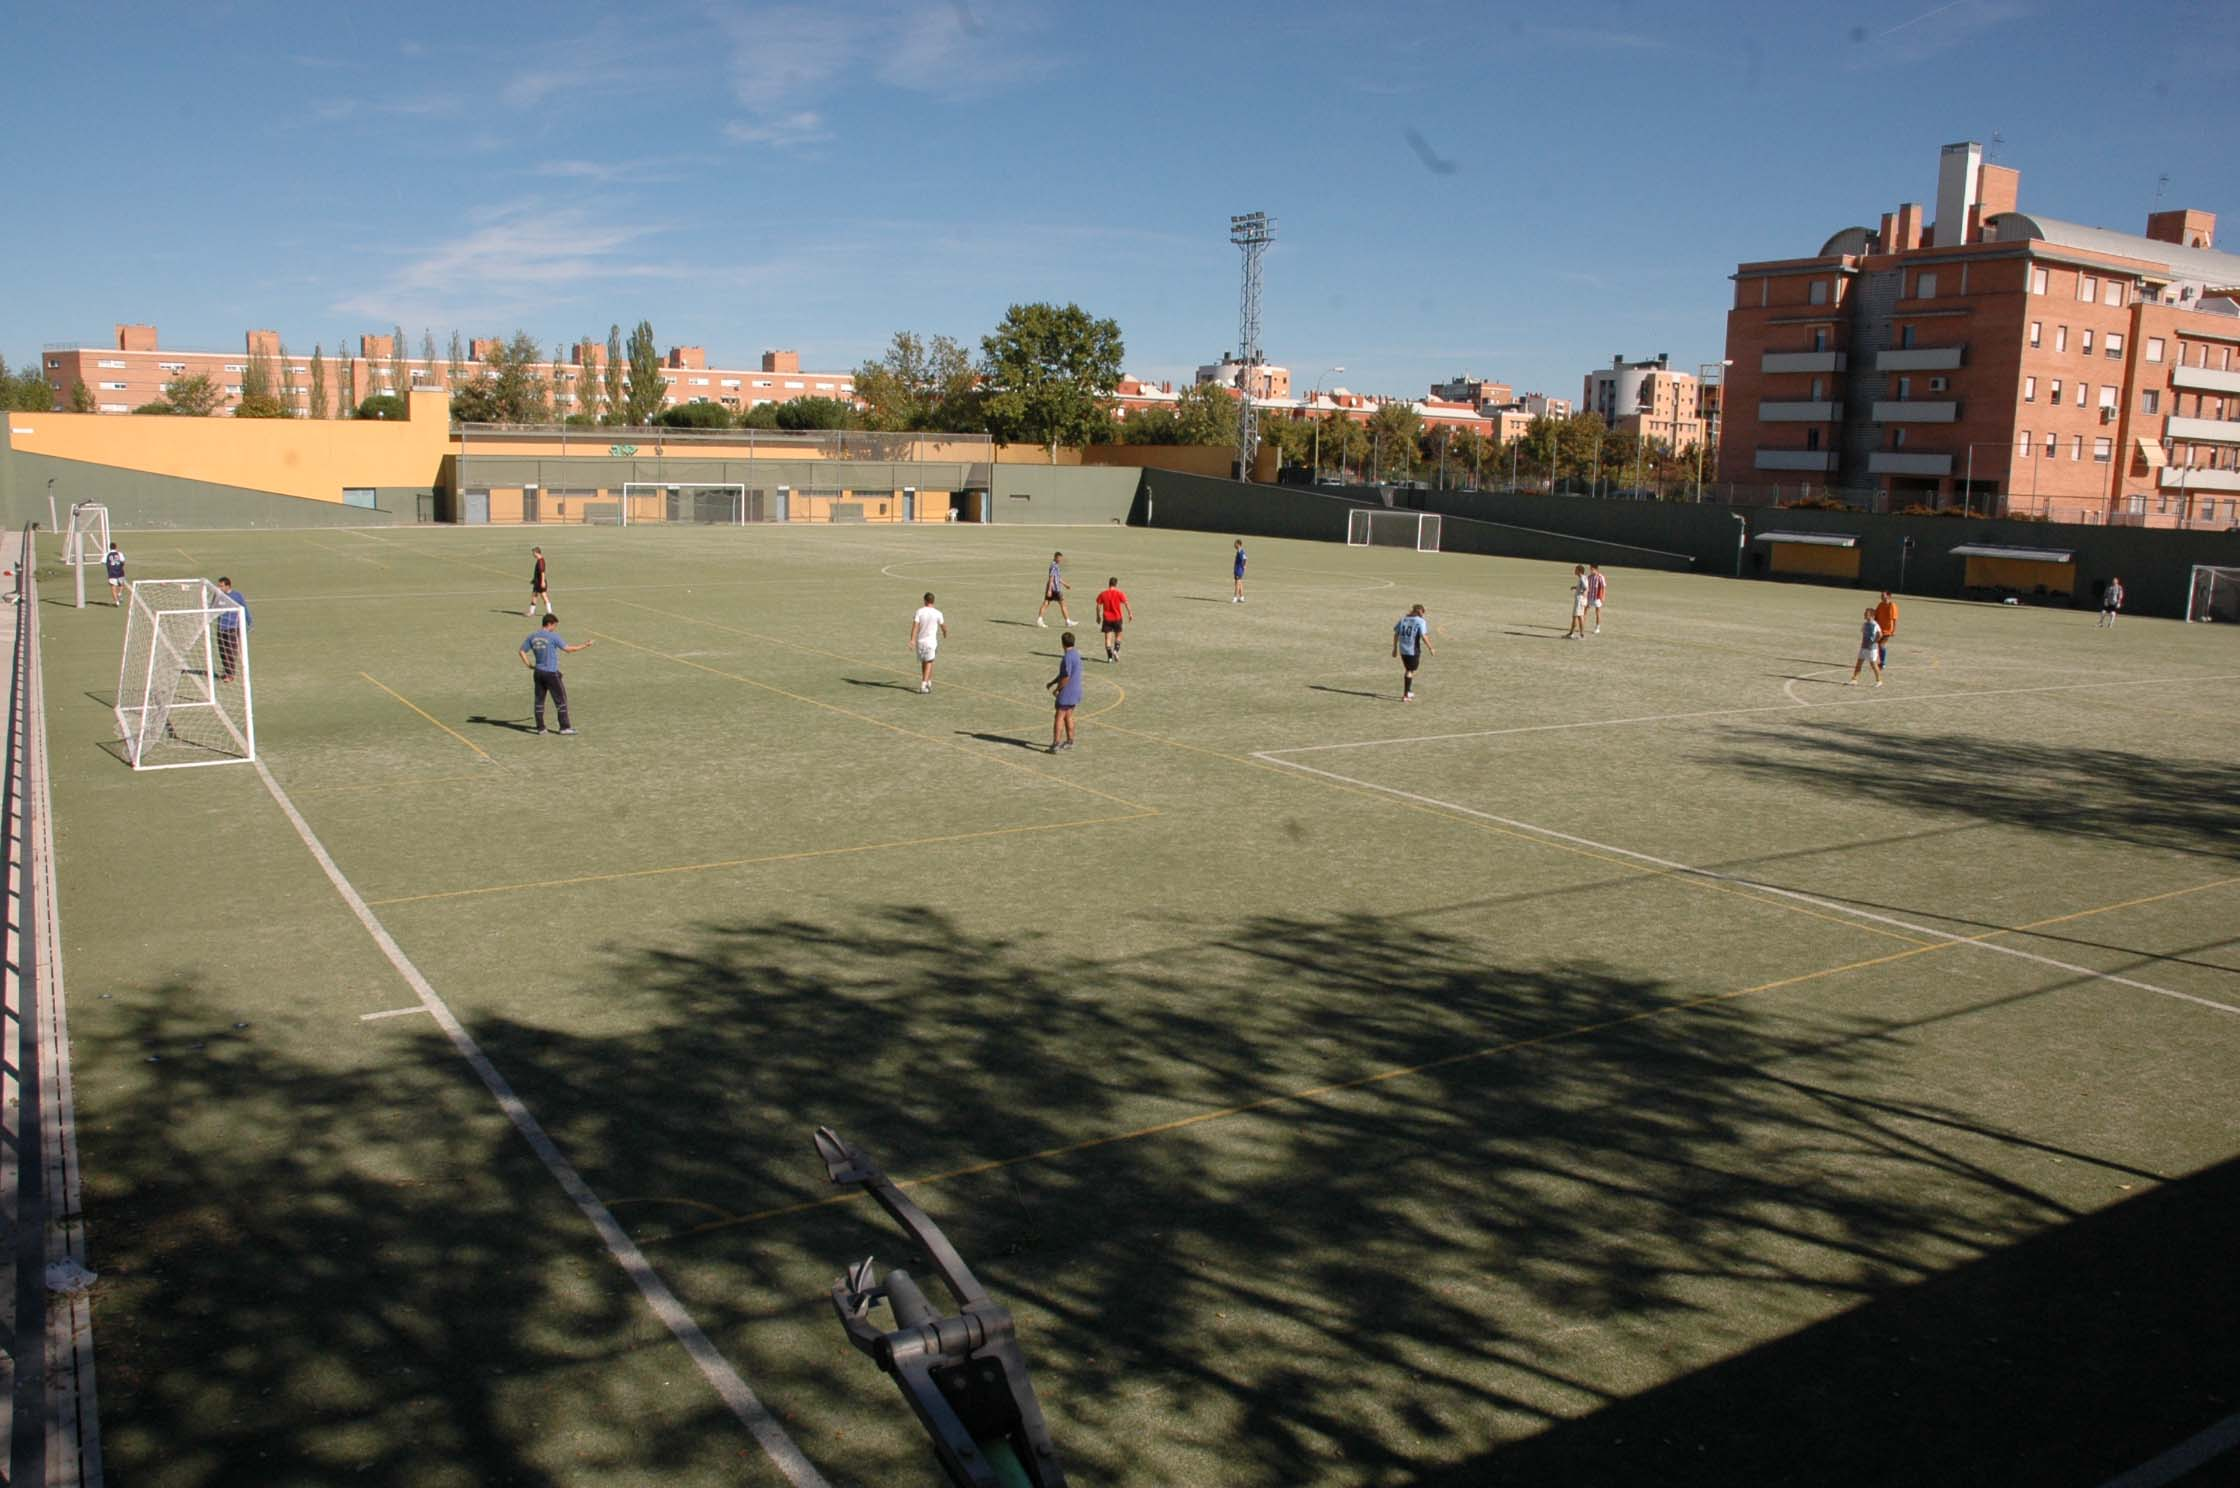 Centro deportivo municipal aluche for Piscina municipal aluche